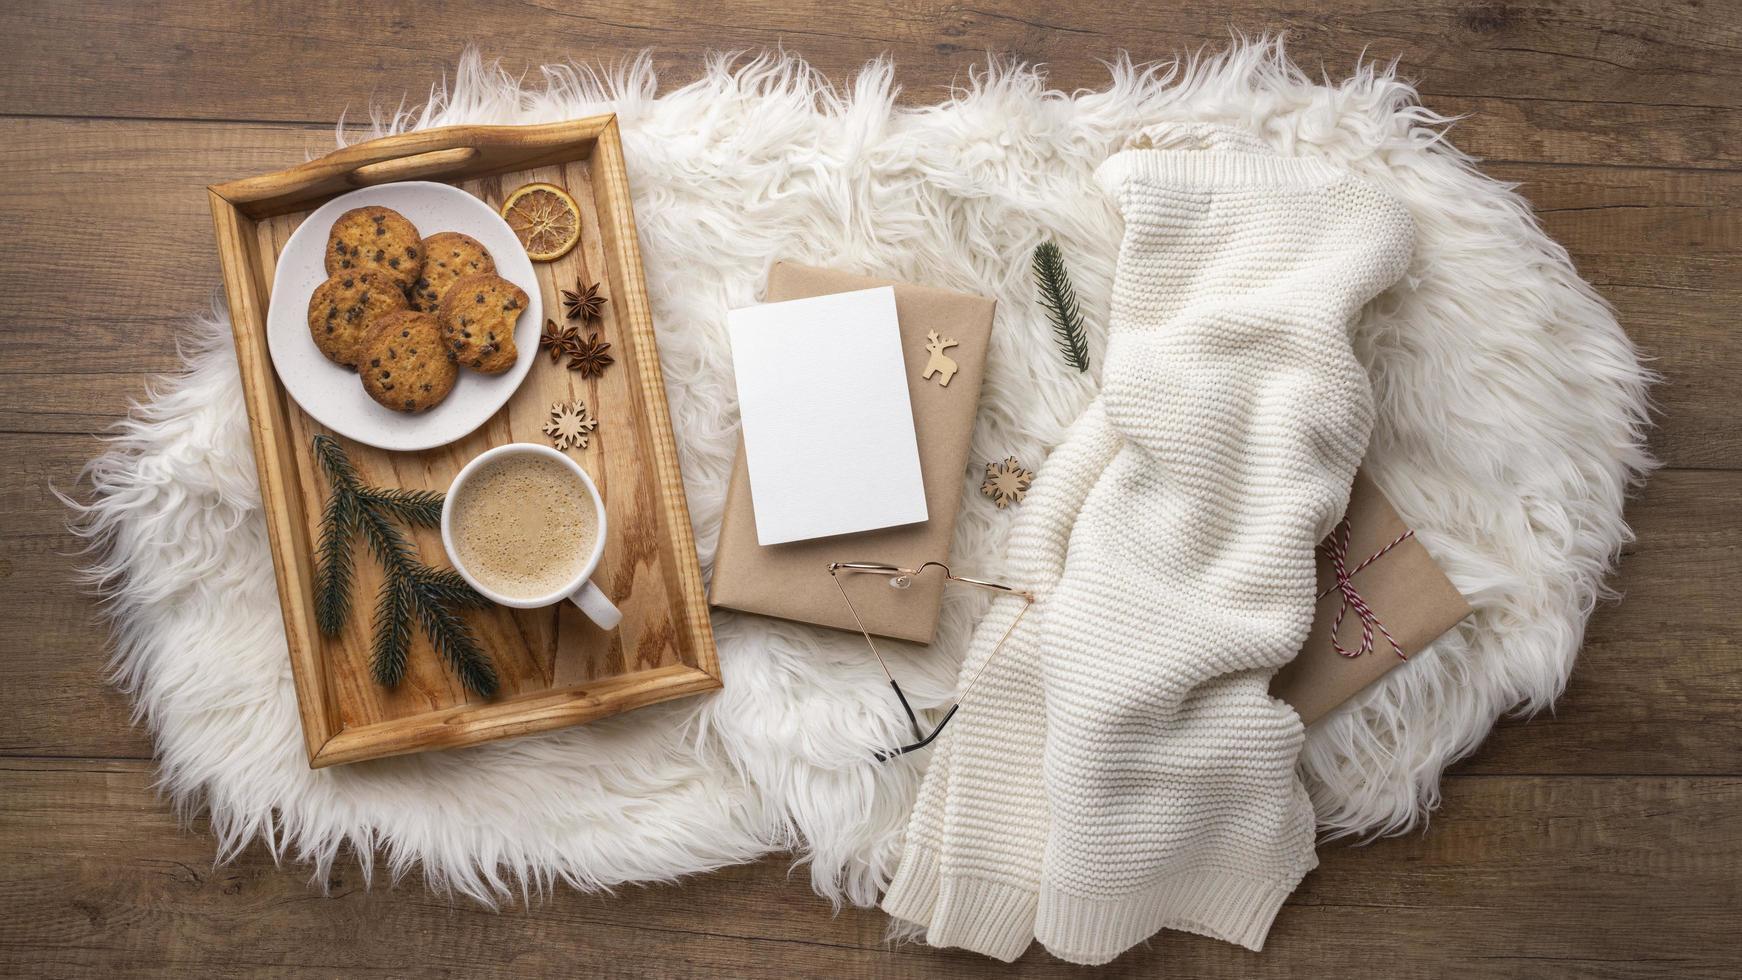 kaffe och kakor ovanifrån foto